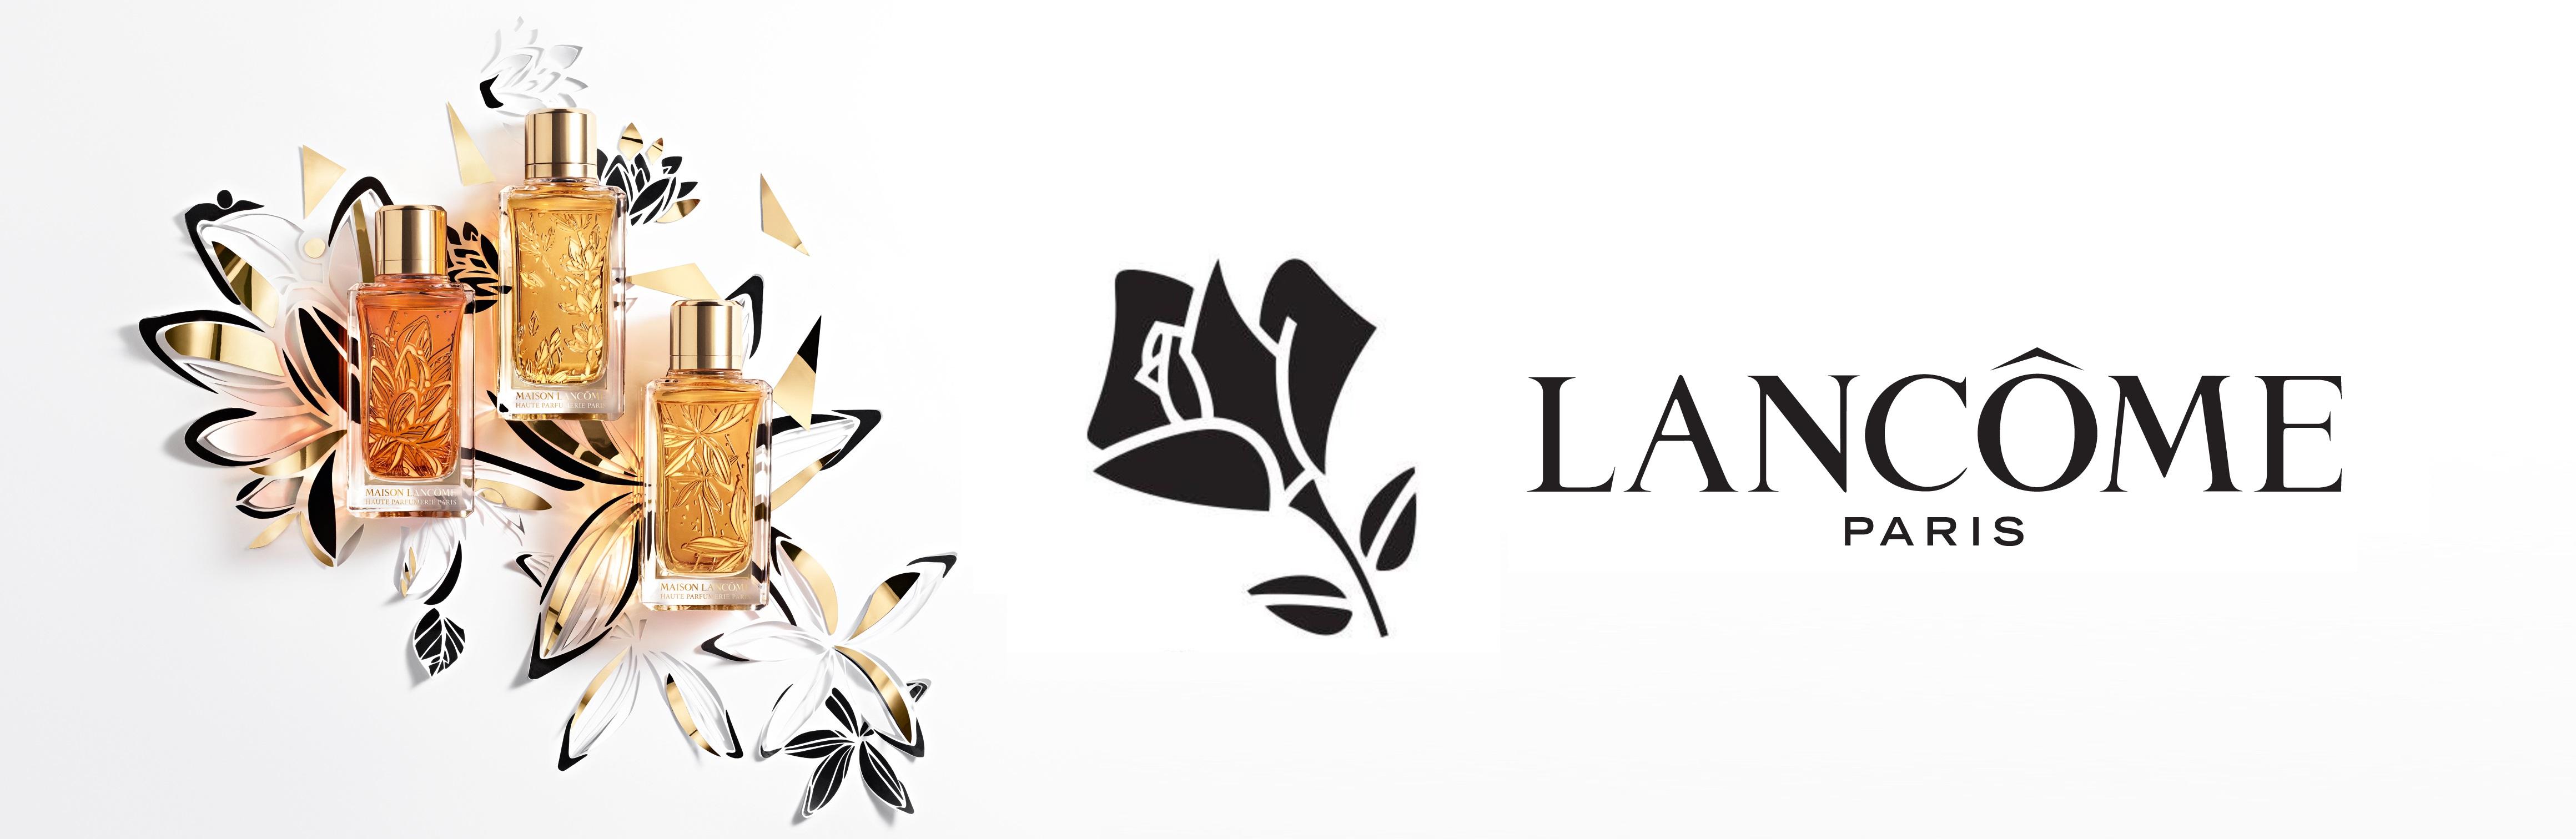 Lancome Maison Lautre Oud Edp 75 ml